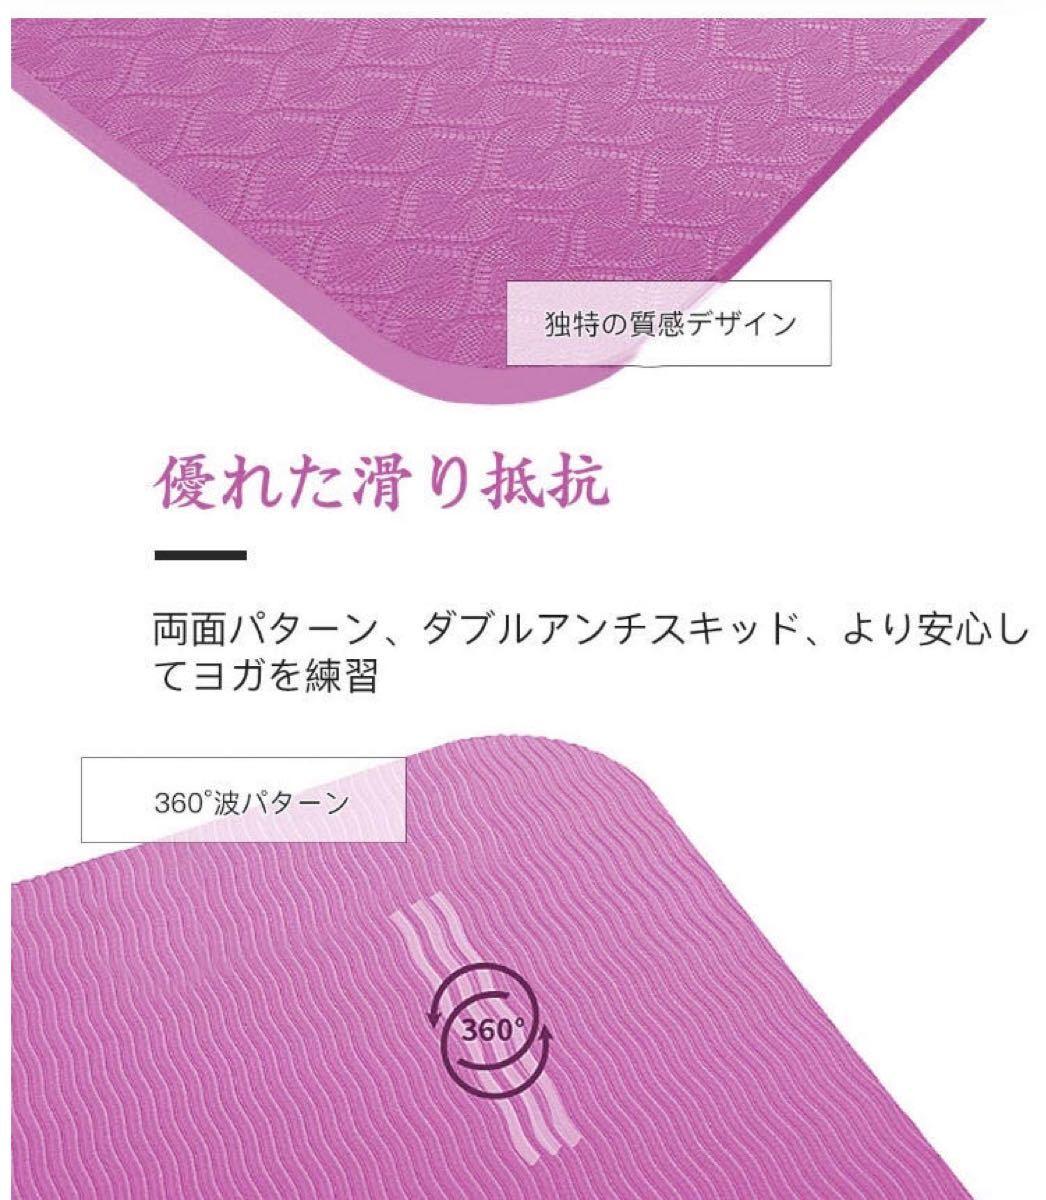 ヨガマット マット おりたたみ 【2020最新版 】筋トレ トレーニングマット